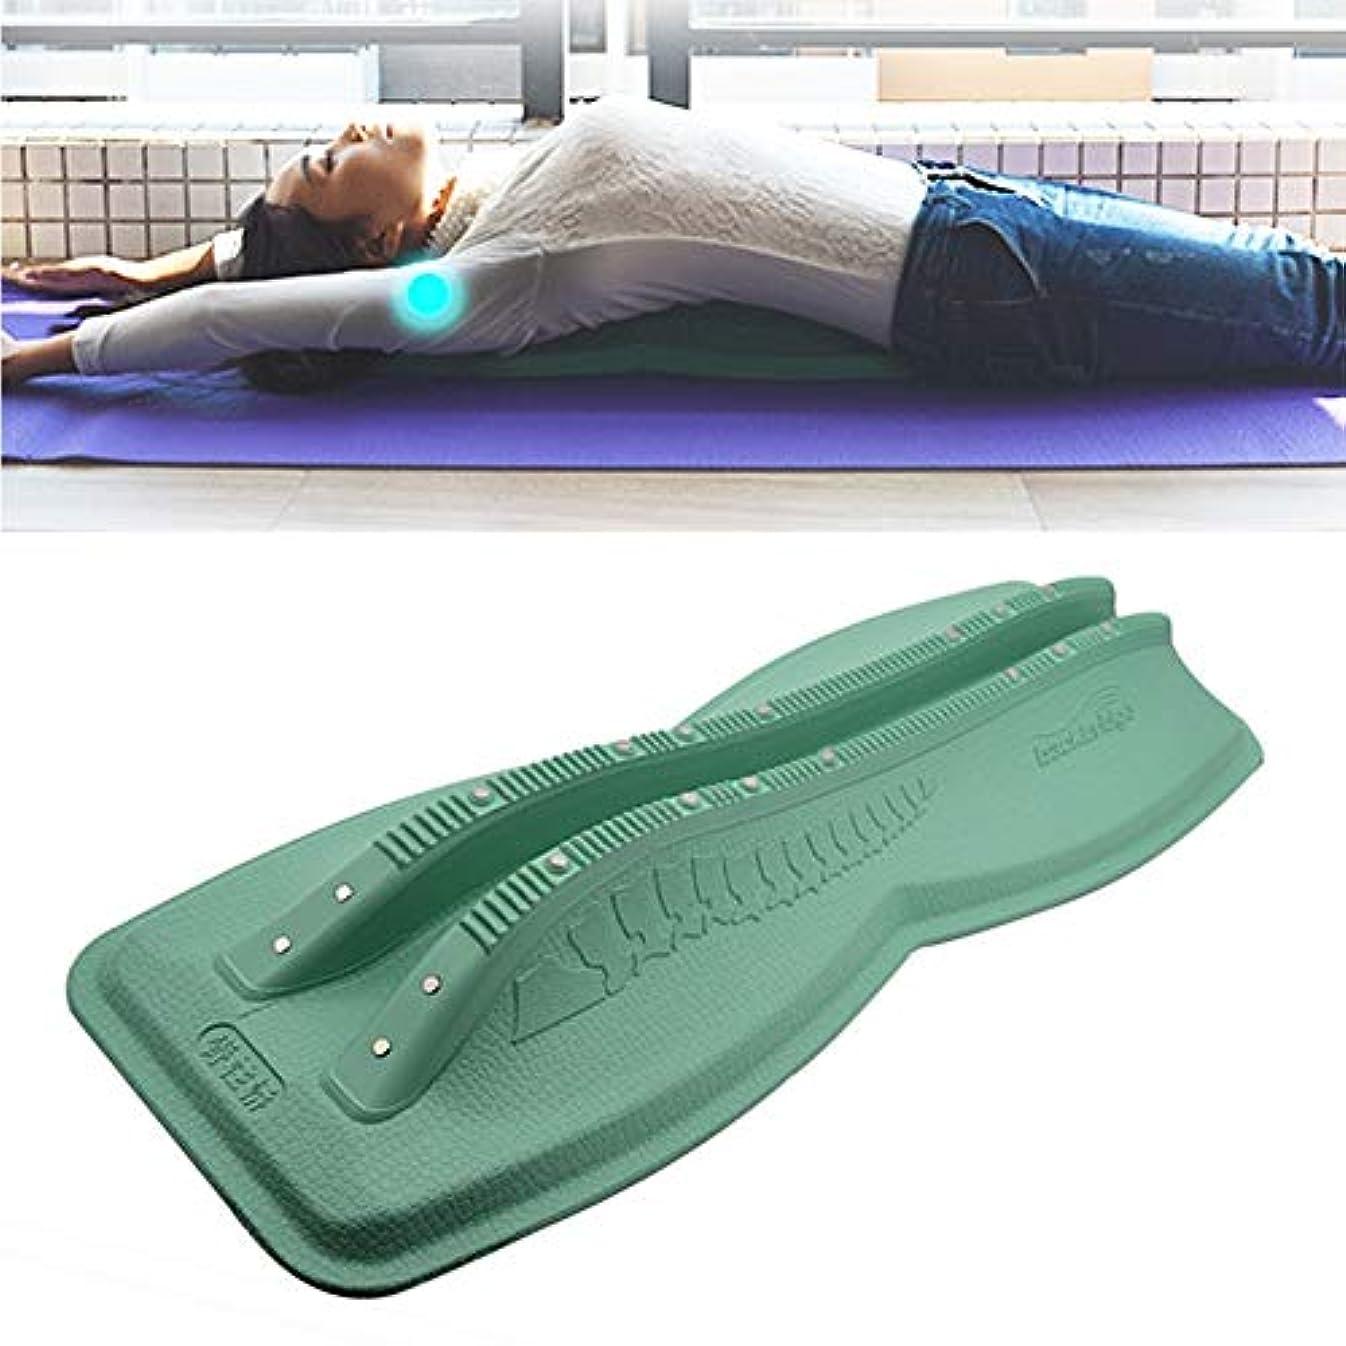 ホームバックコレクターキャメルバックコレクター頸部腰椎マッサージ脊椎脊椎ストレッチストレッチ